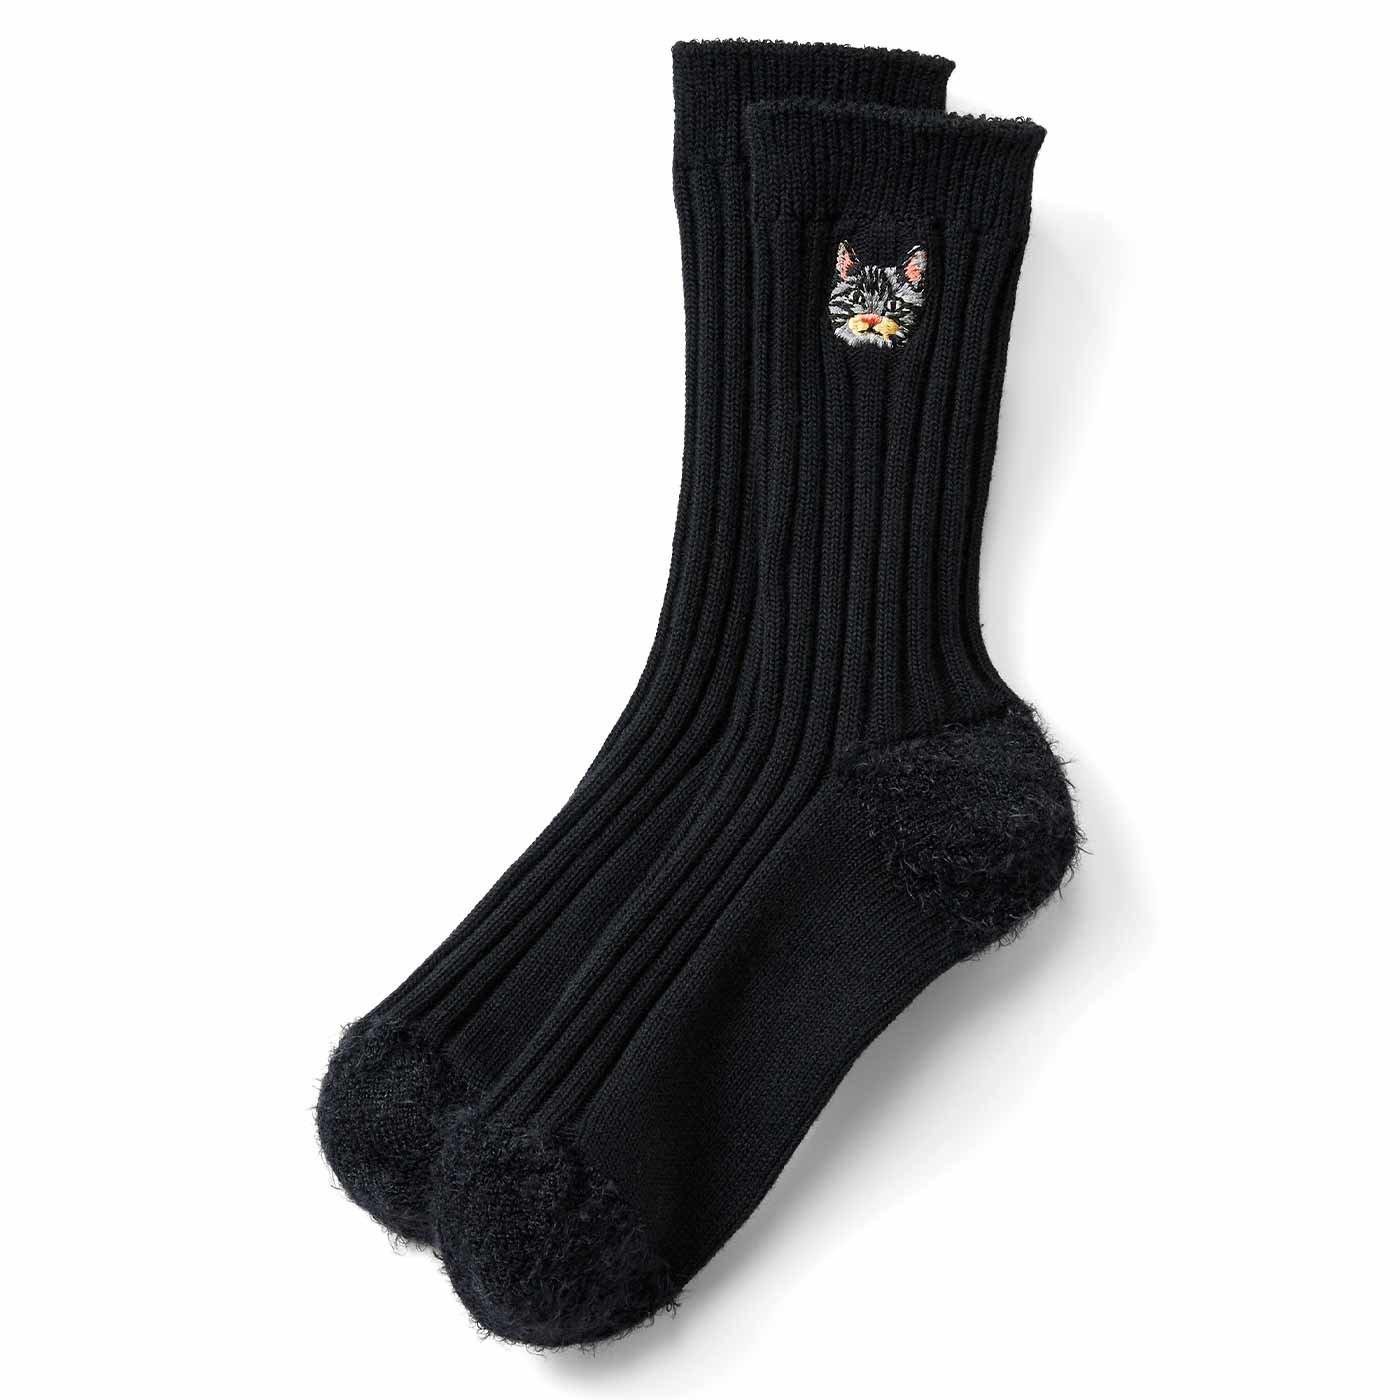 IEDIT[イディット] 宮田聡子さんコラボ ワンポイント猫刺しゅうの異素材切り替え靴下〈ブラック〉